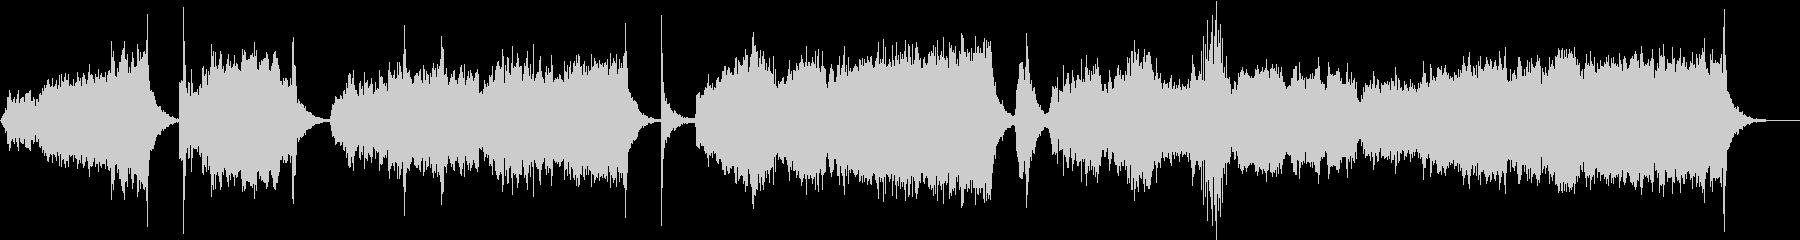 不穏な空気をオーケストラで演出の未再生の波形